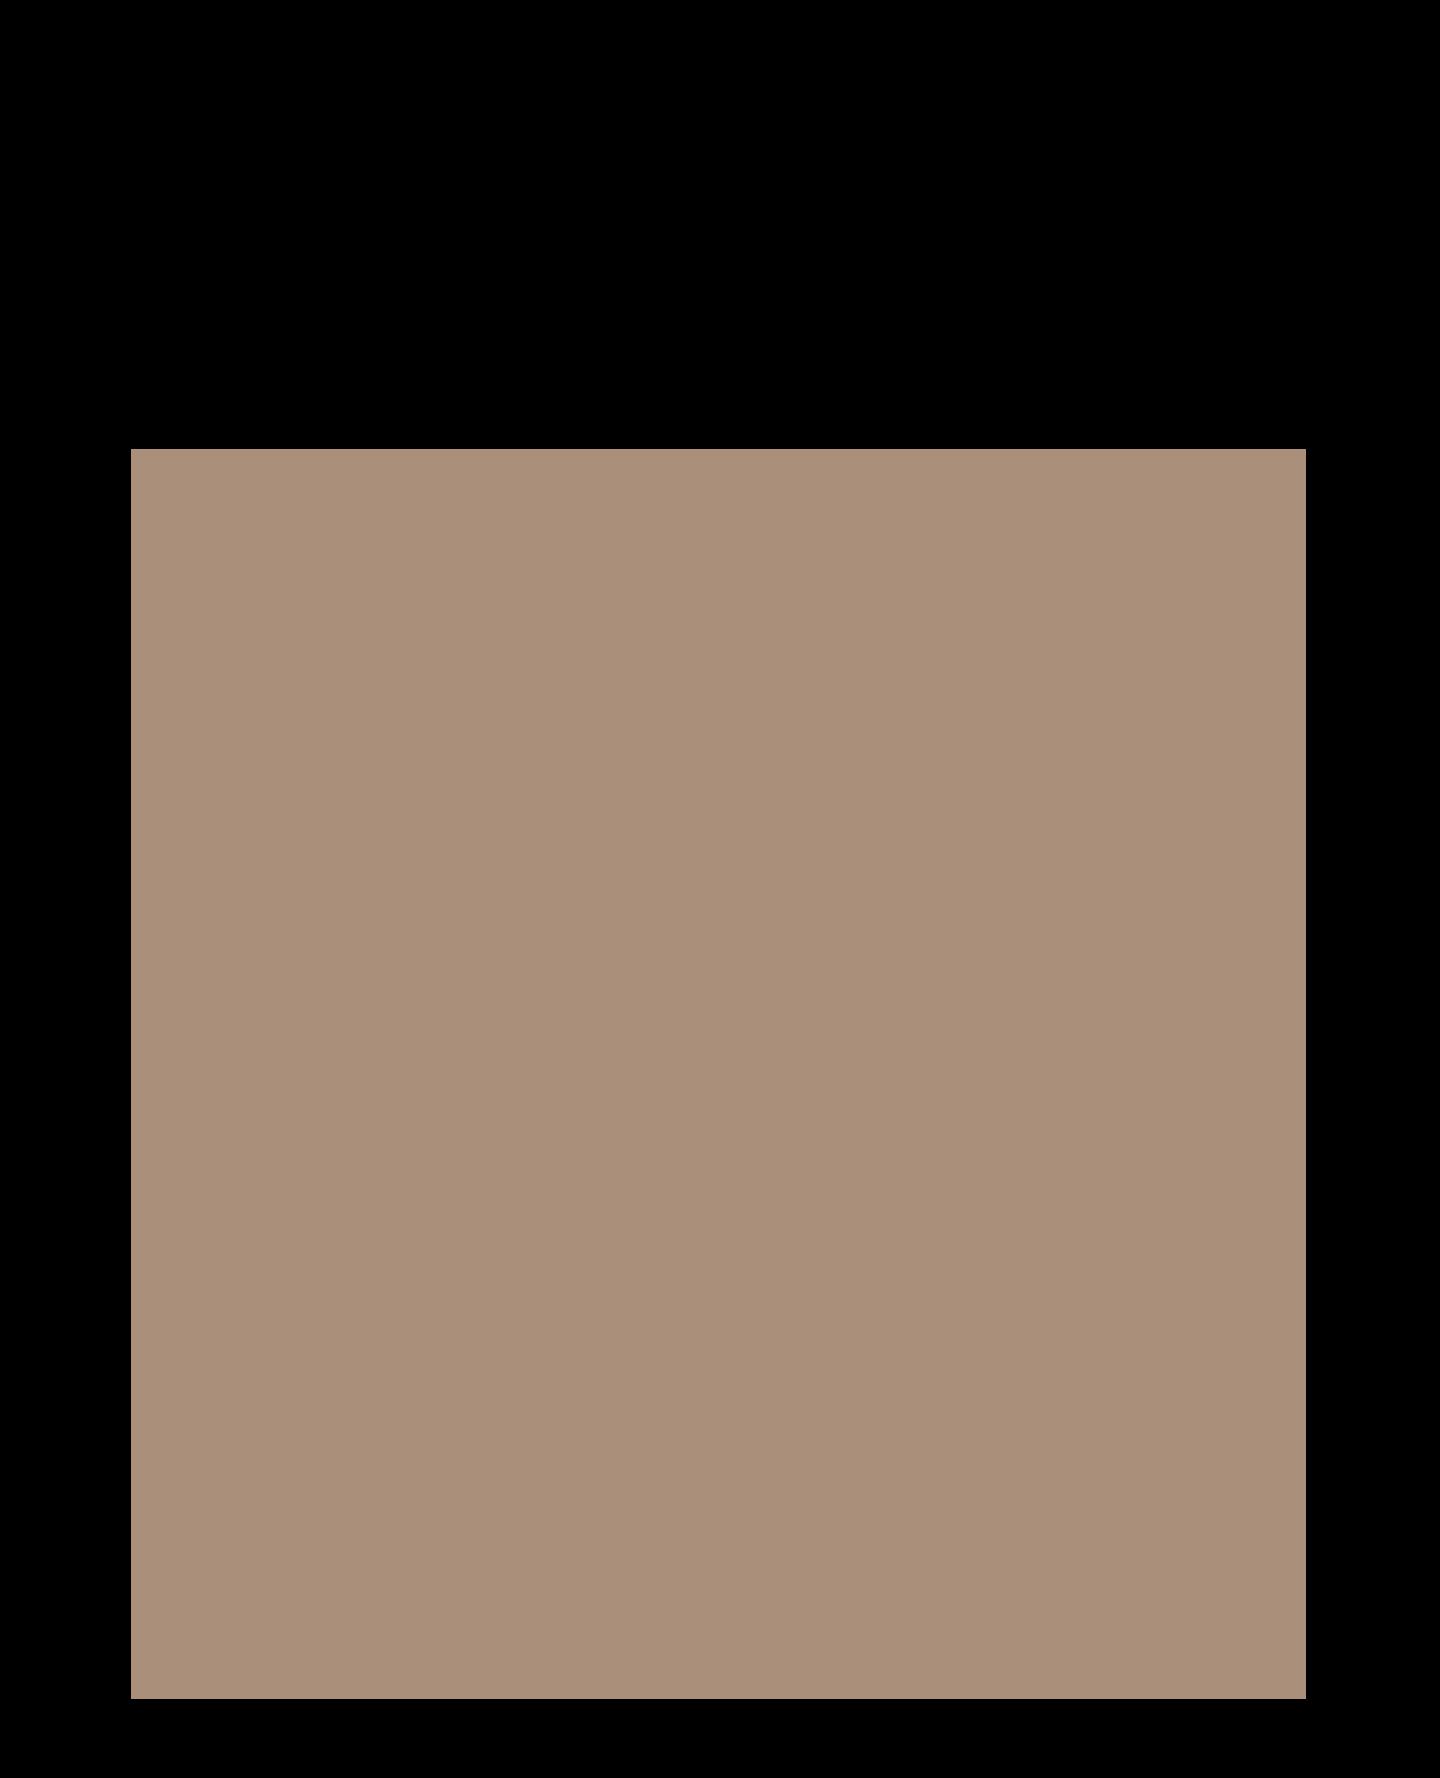 sviluppo realtà virtuale aumentata grafica 3d